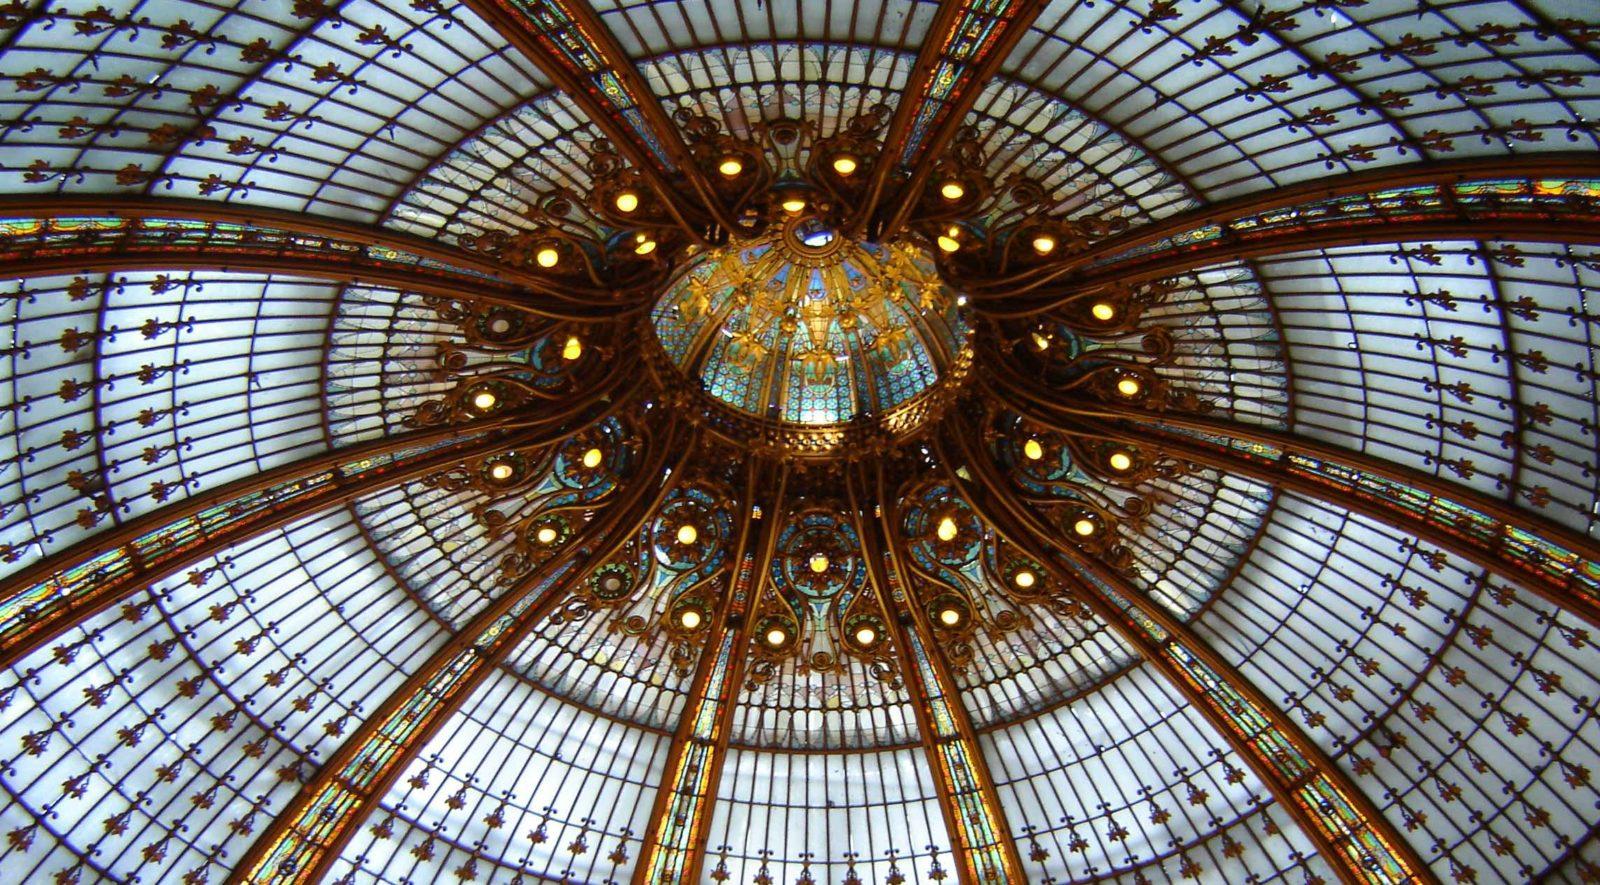 Galeries Lafayette Paris Haussmann la coupole